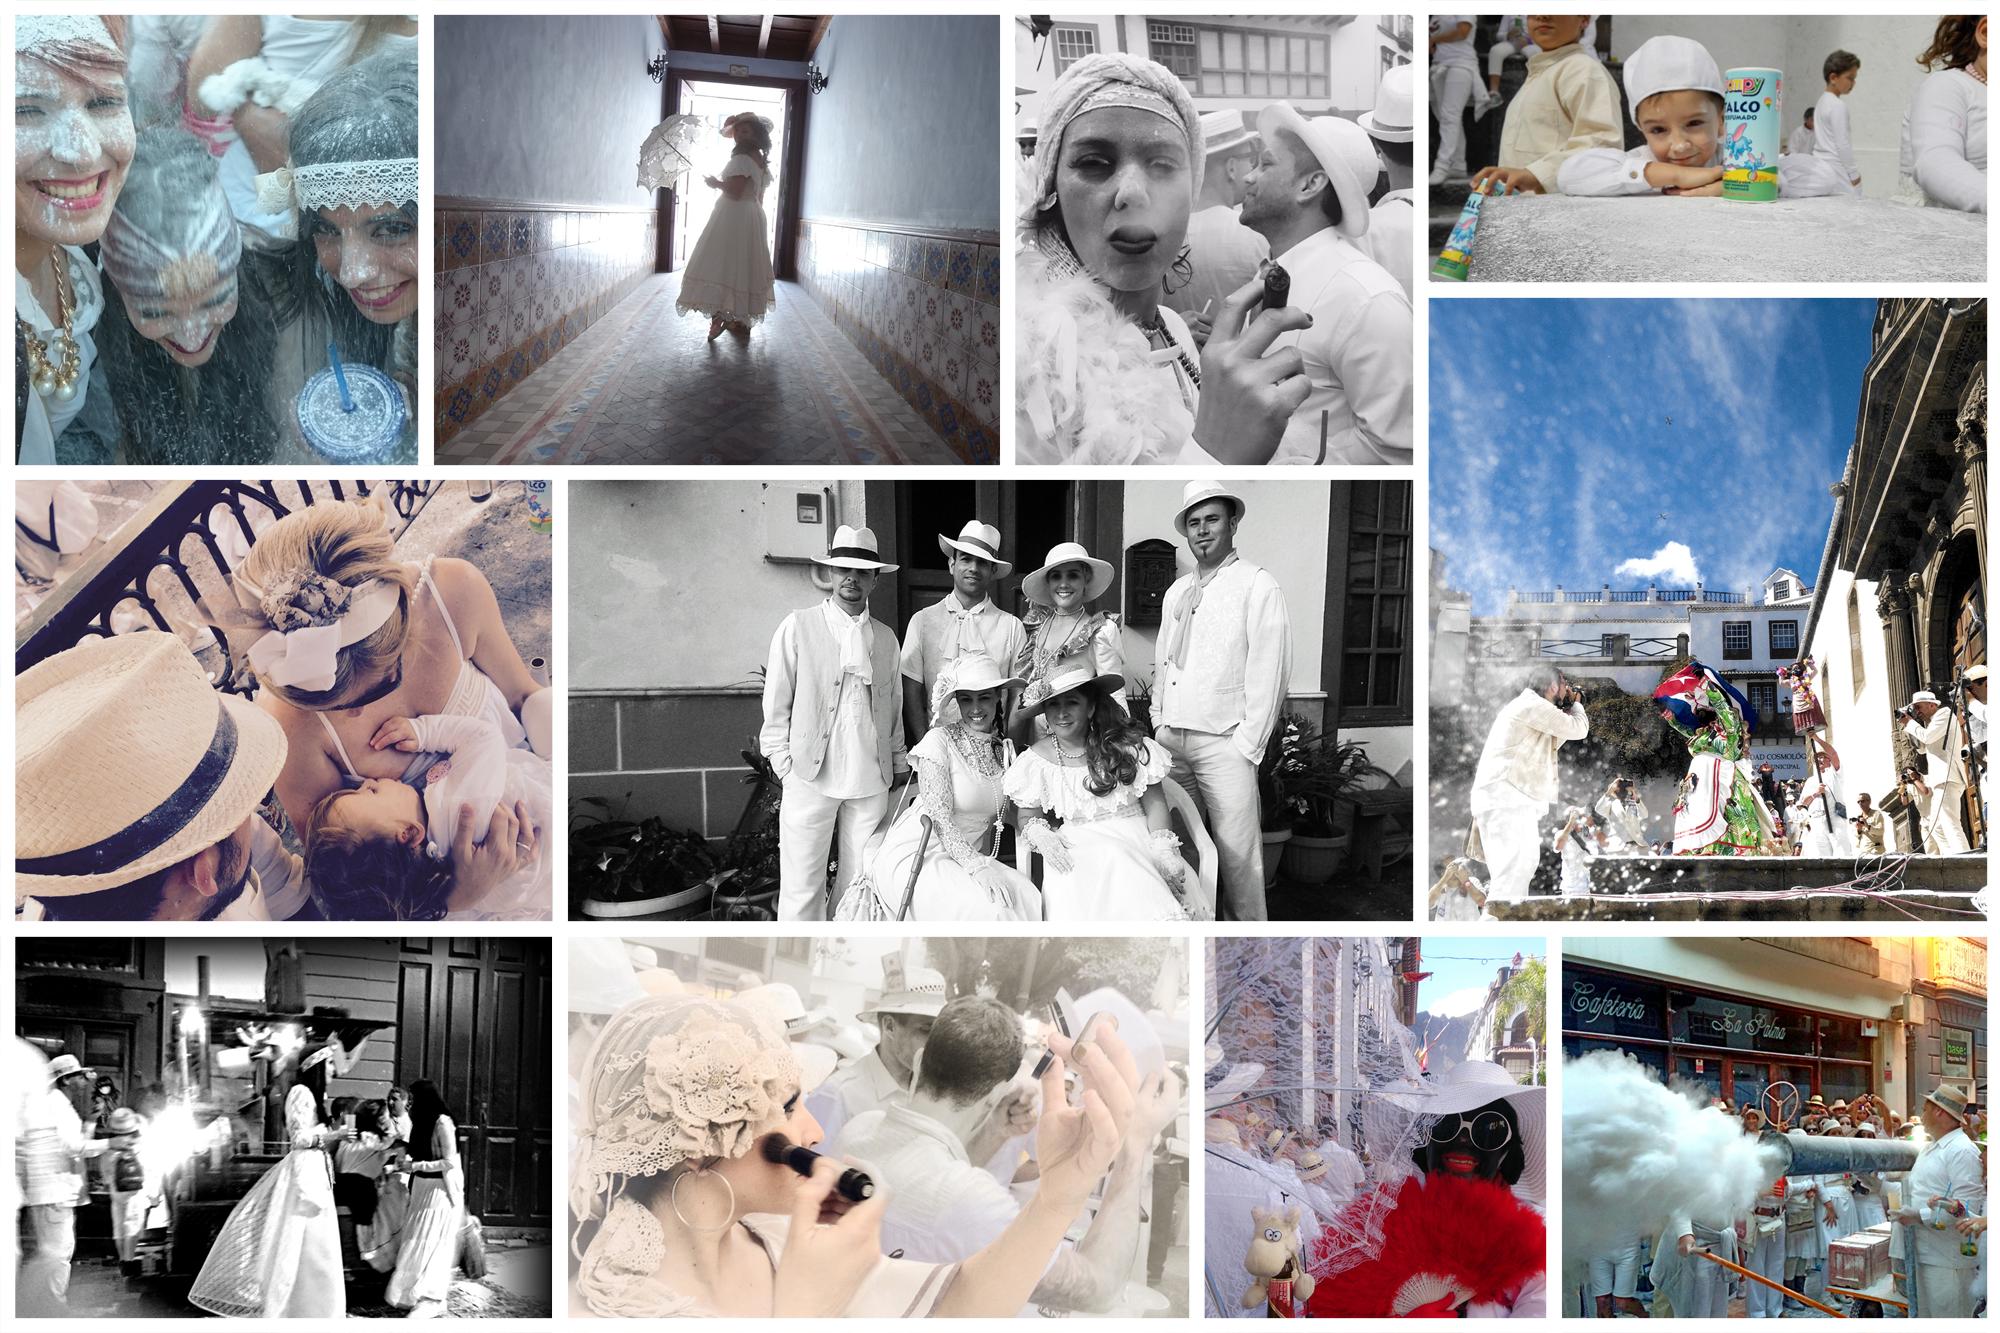 destacado concurso fotos indianos 2015